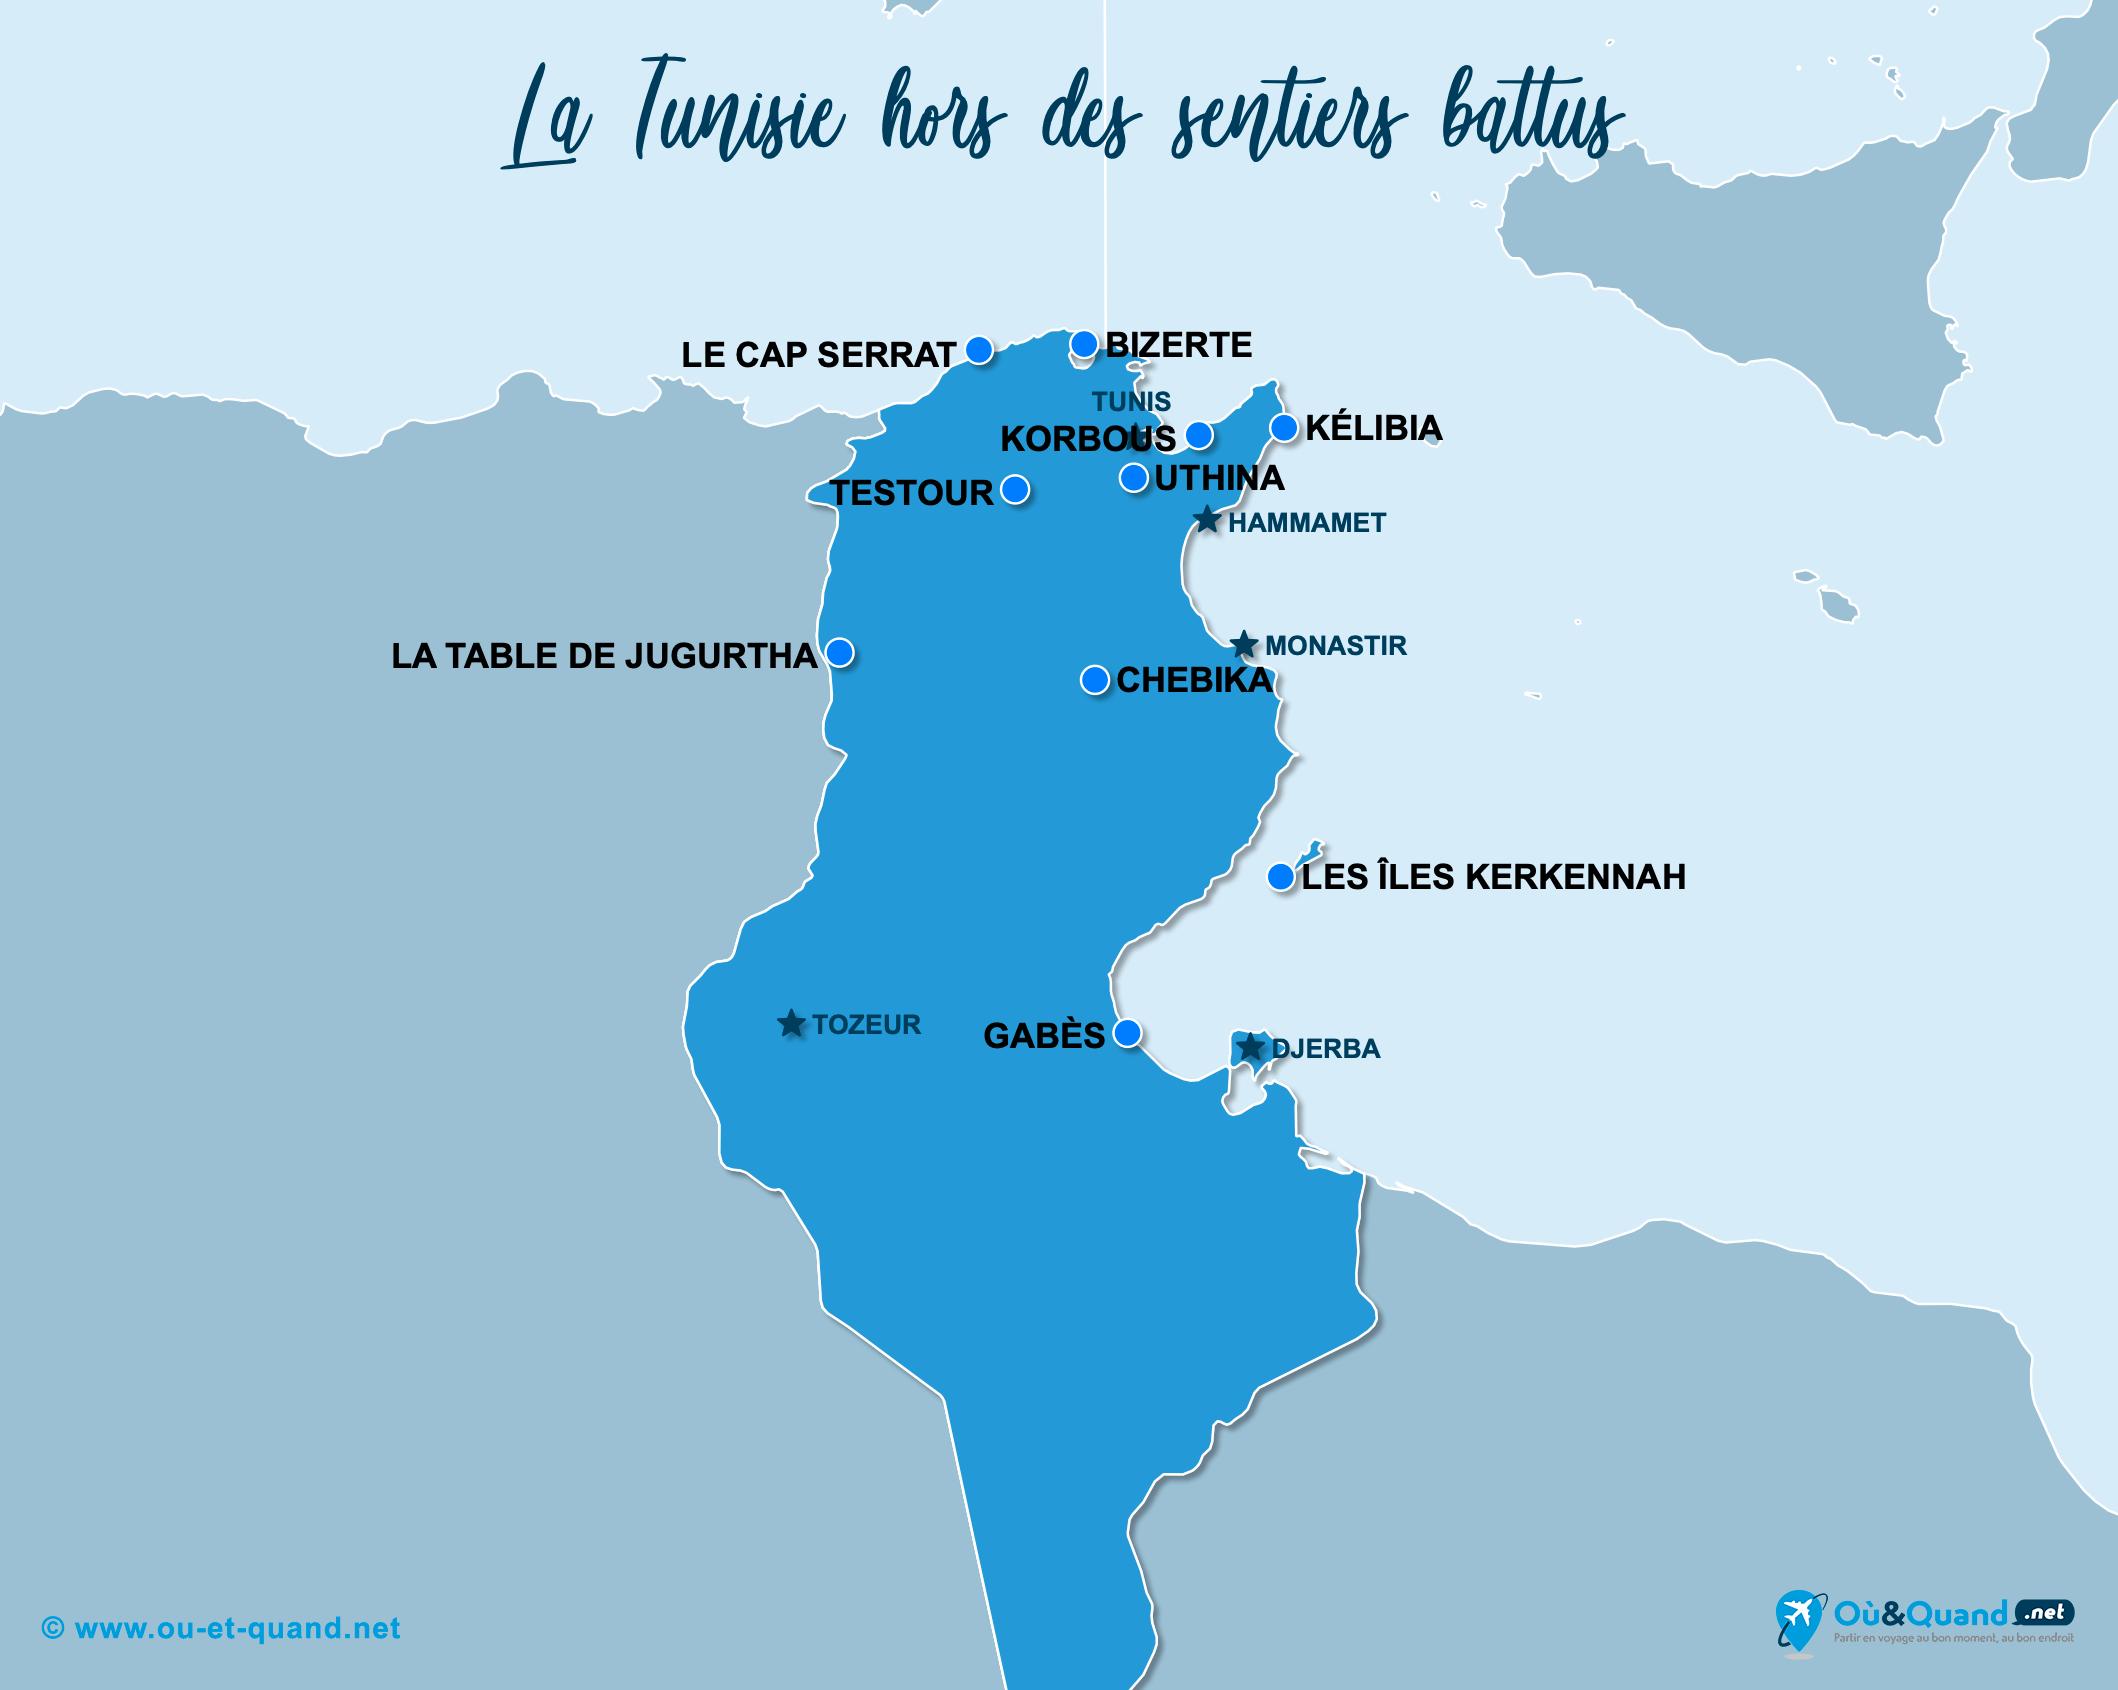 Carte Tunisie : La Tunisie hors des sentiers battus